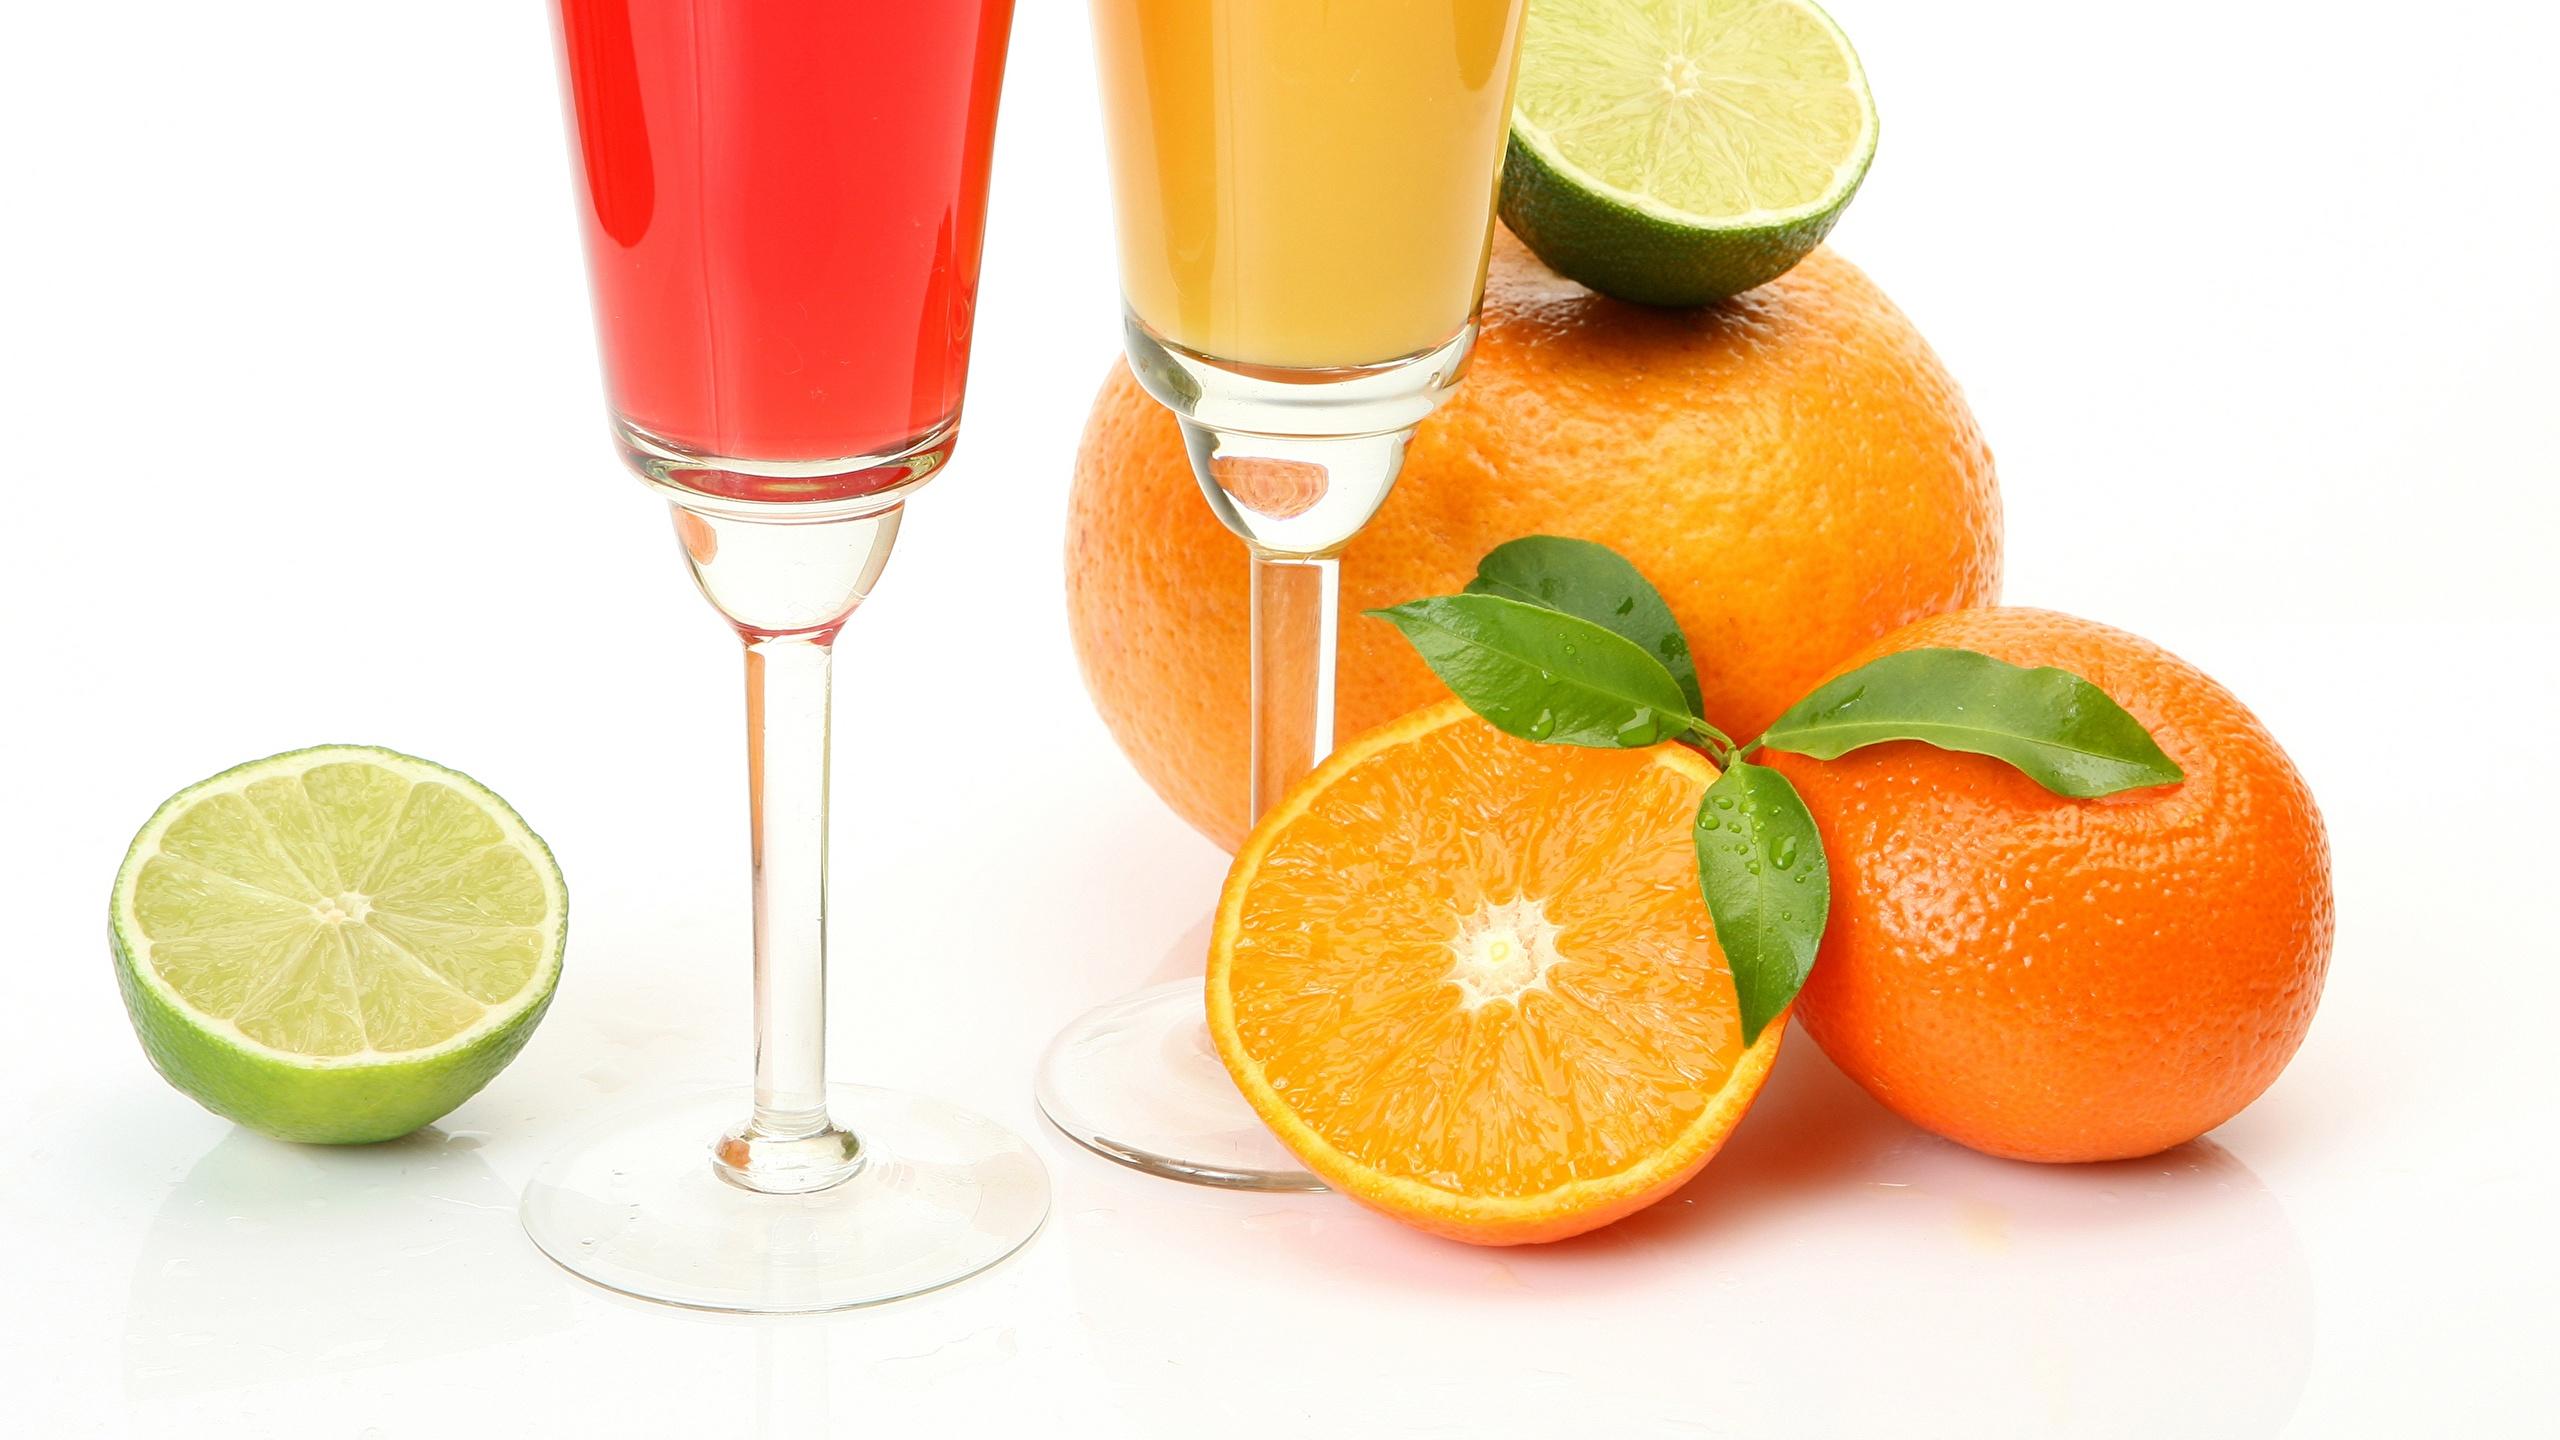 еда апельсин сок food orange juice  № 613526 загрузить